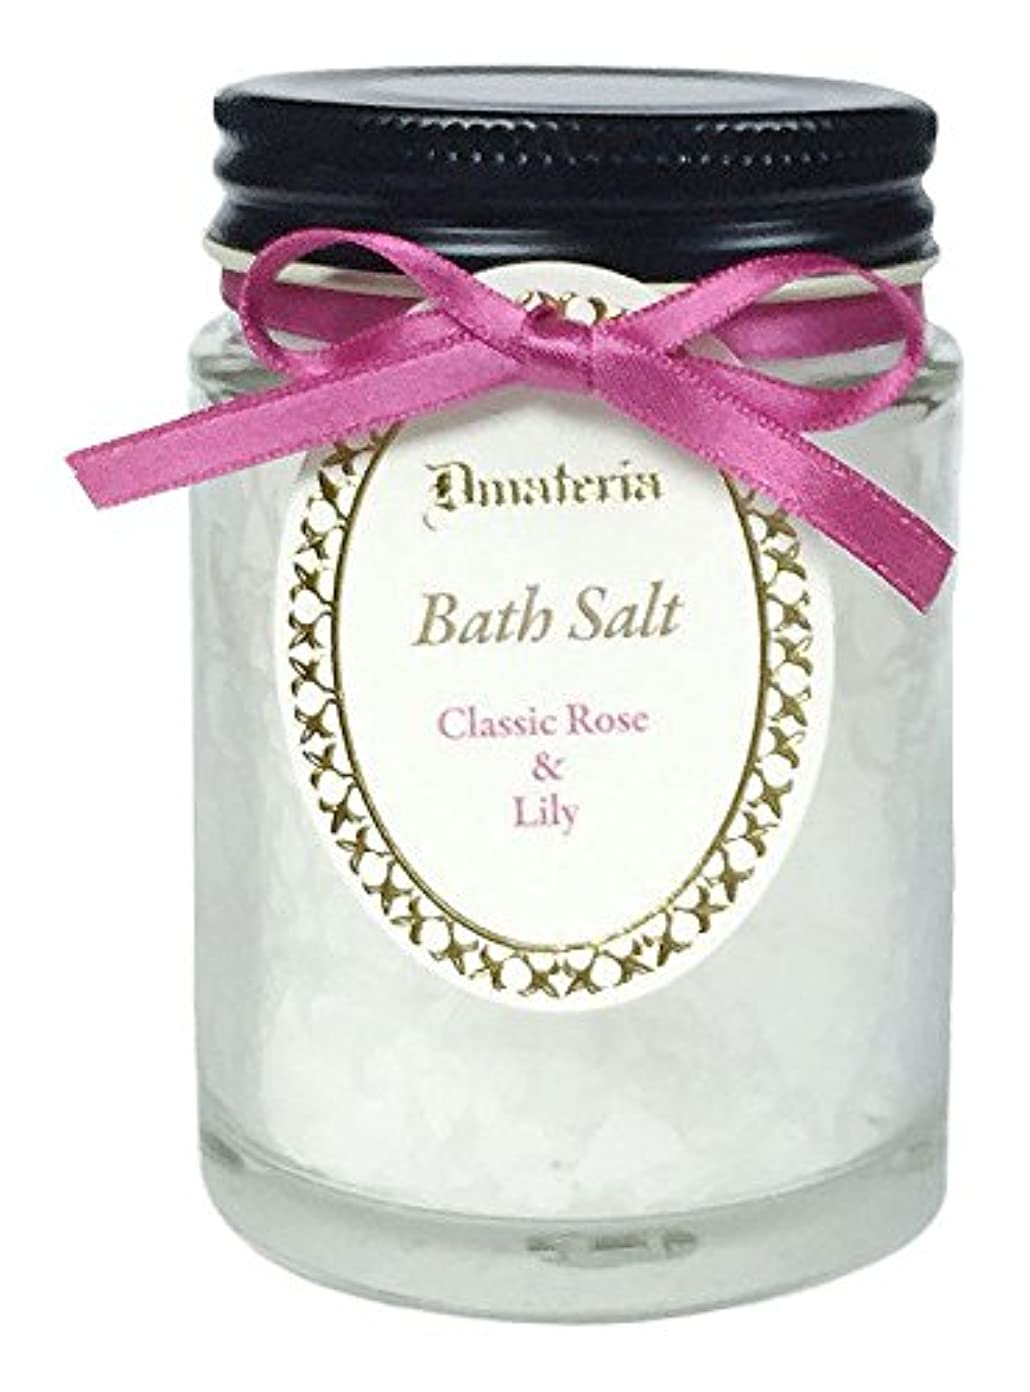 同封する悲惨オリエンテーションD materia バスソルト クラシックローズ&リリー Classic Rose&Lily Bath Salt ディーマテリア